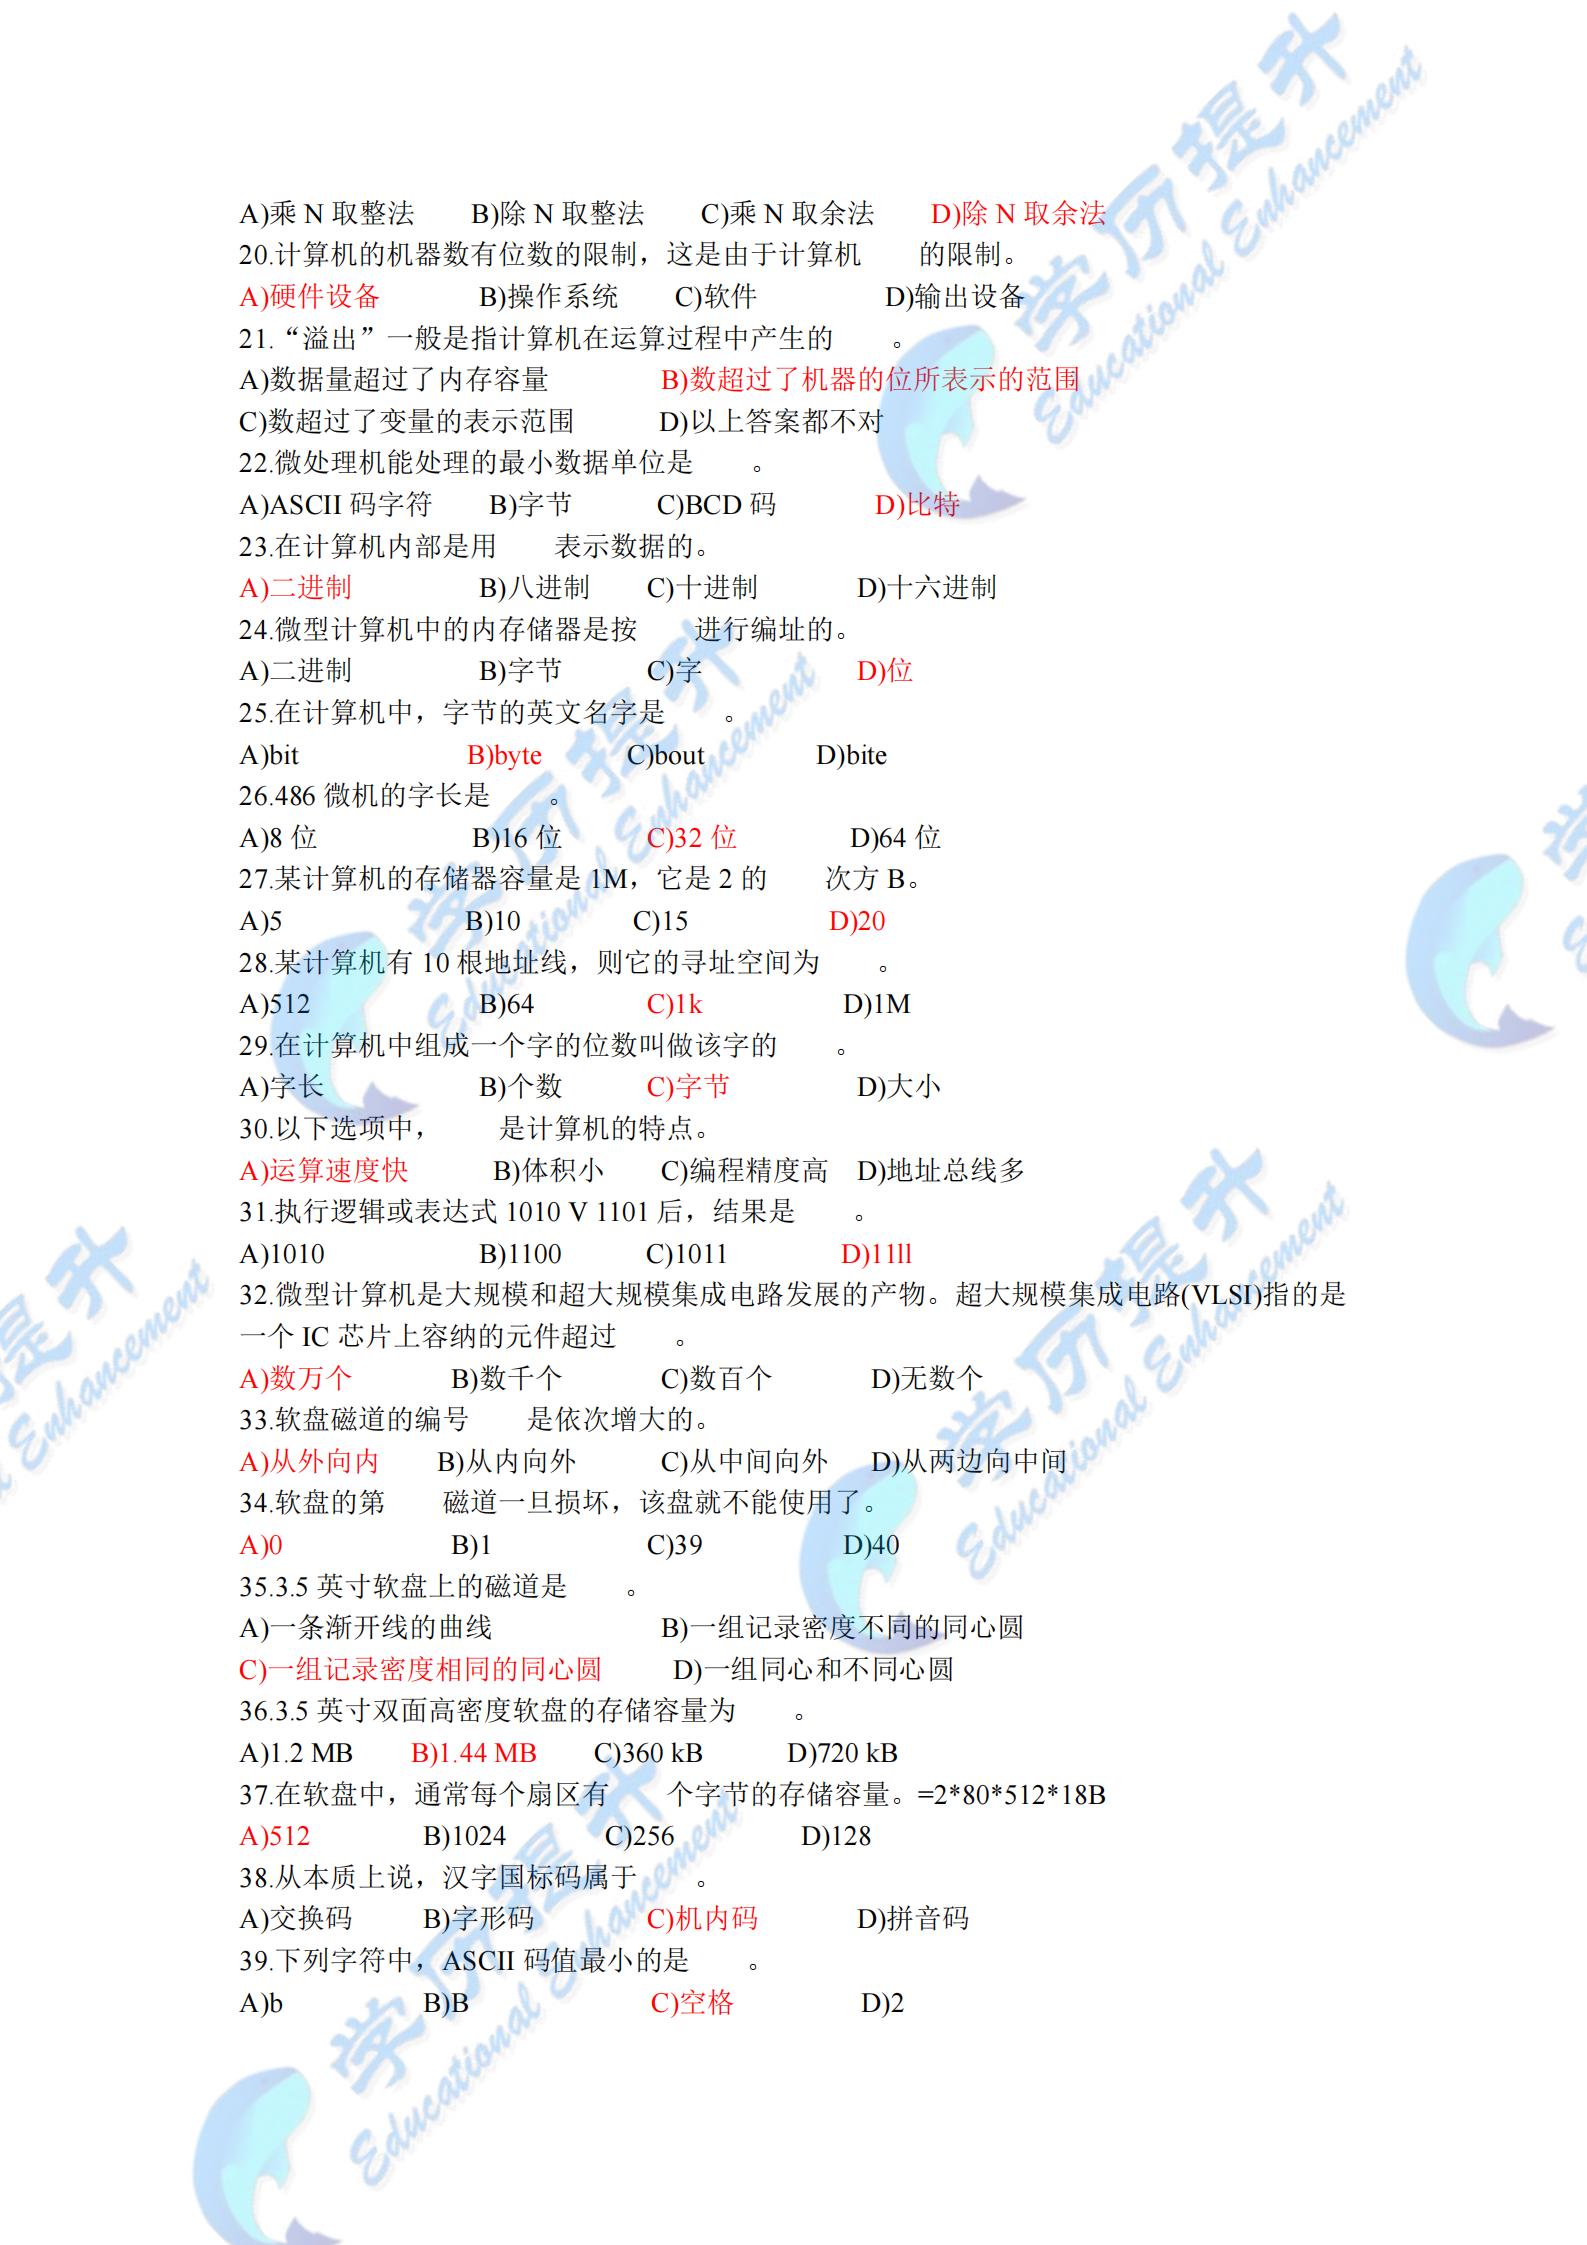 2014年计算机二级考试office高级应用复习题(附答案)